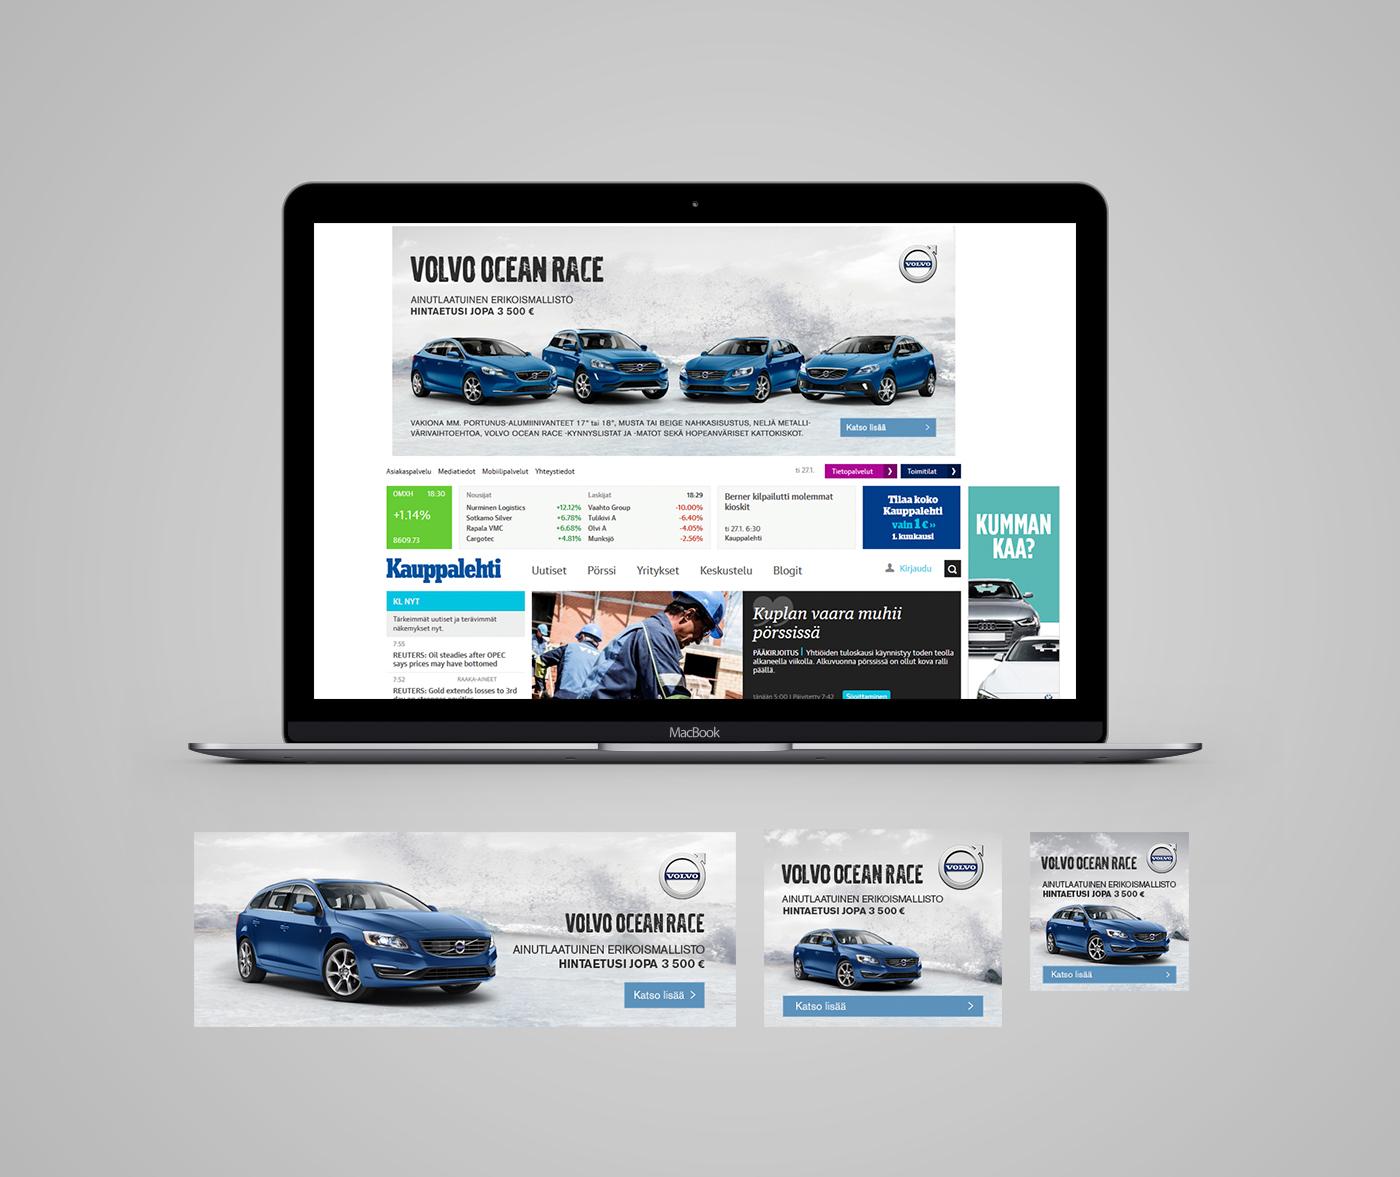 Volvo Ocean Race online